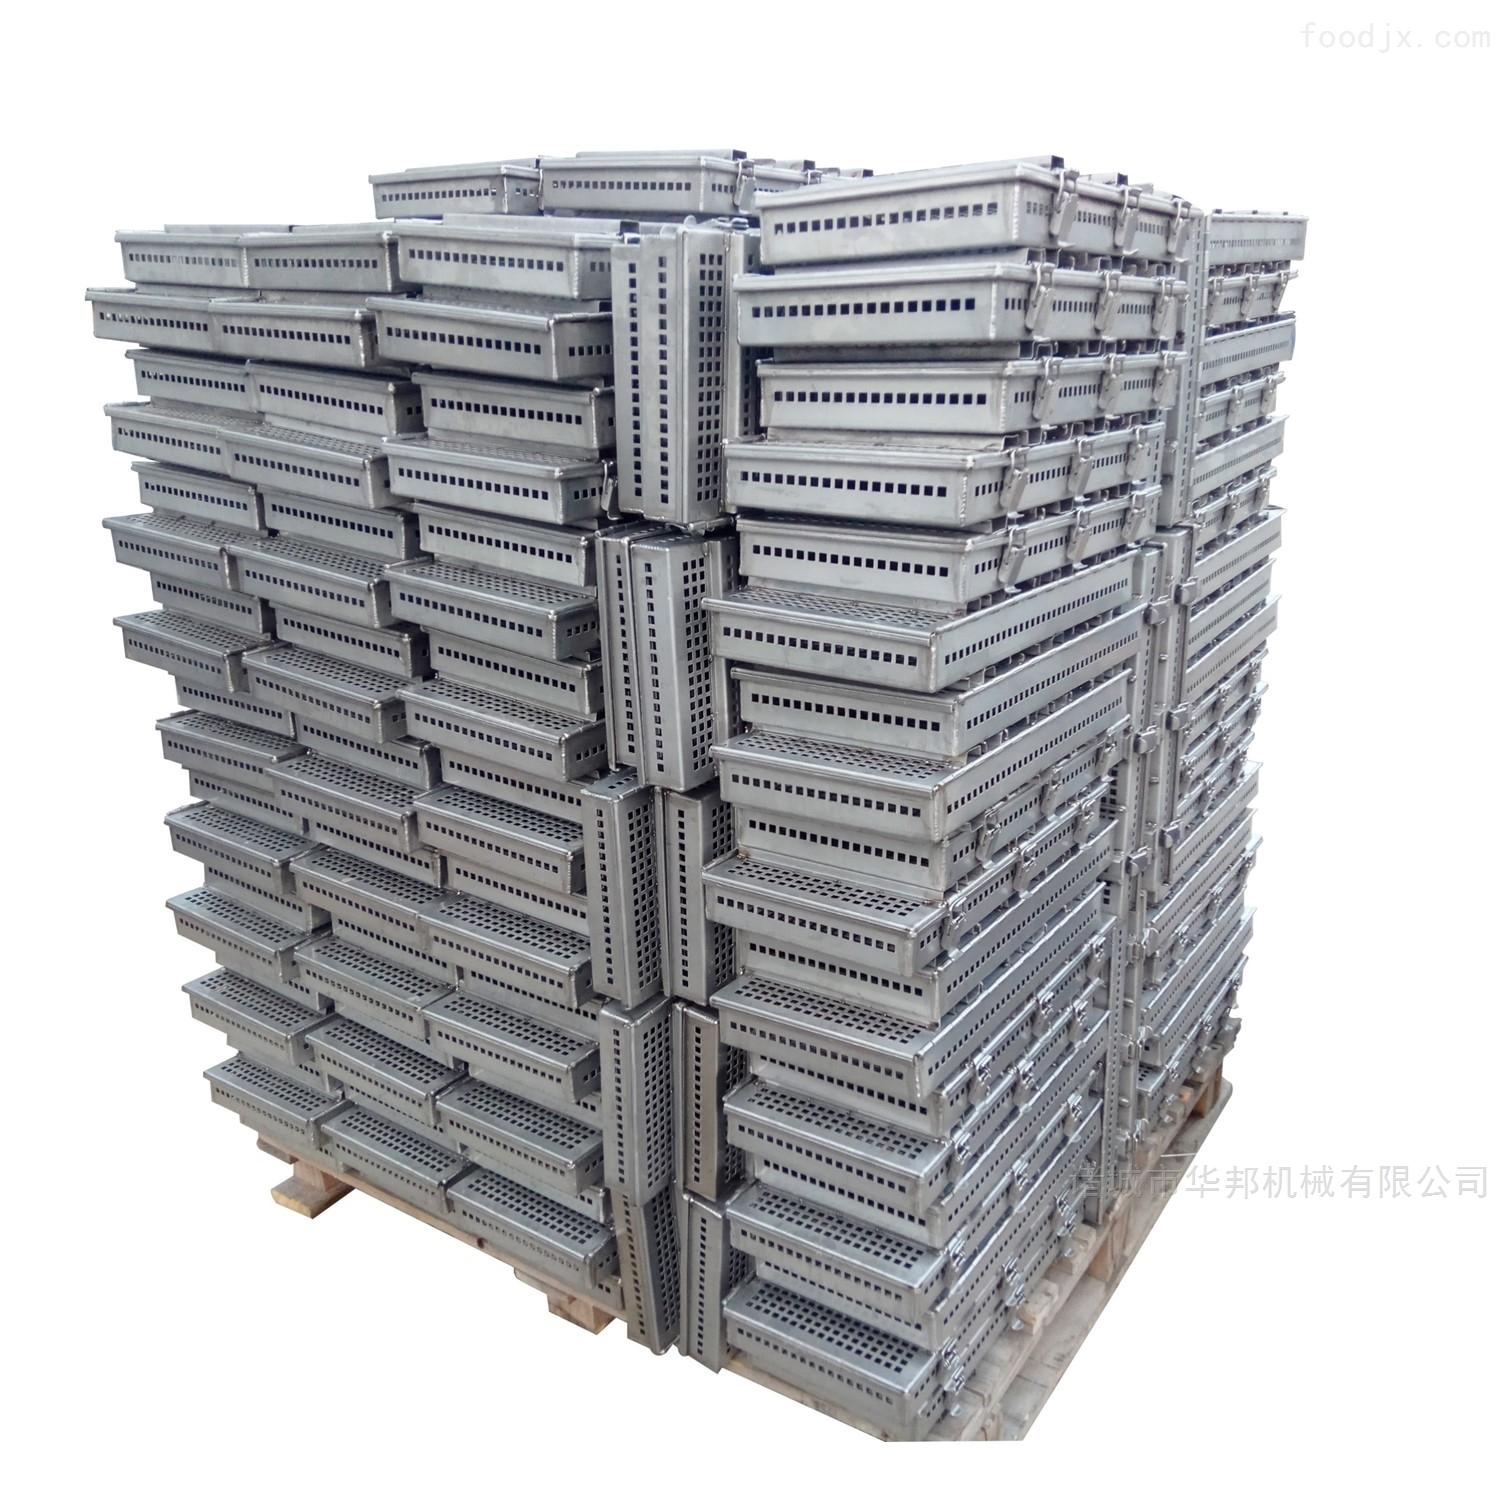 华邦供应培根模具 304不锈钢材质 加工定制